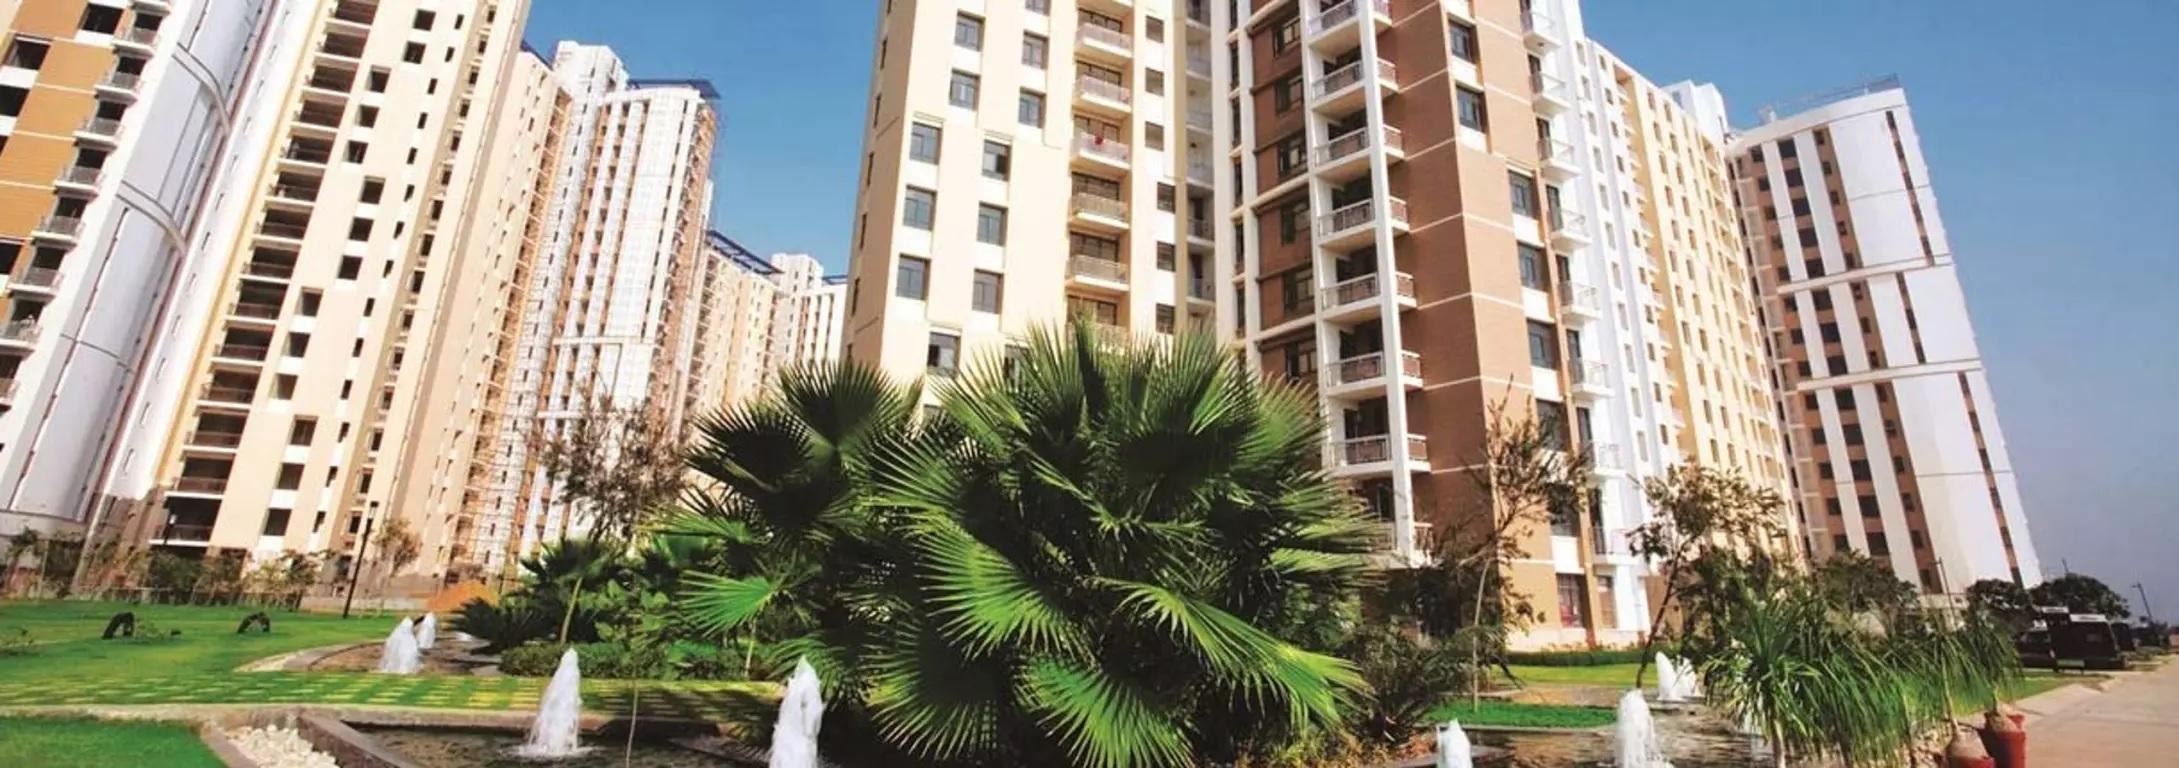 unitech horizon tower view6